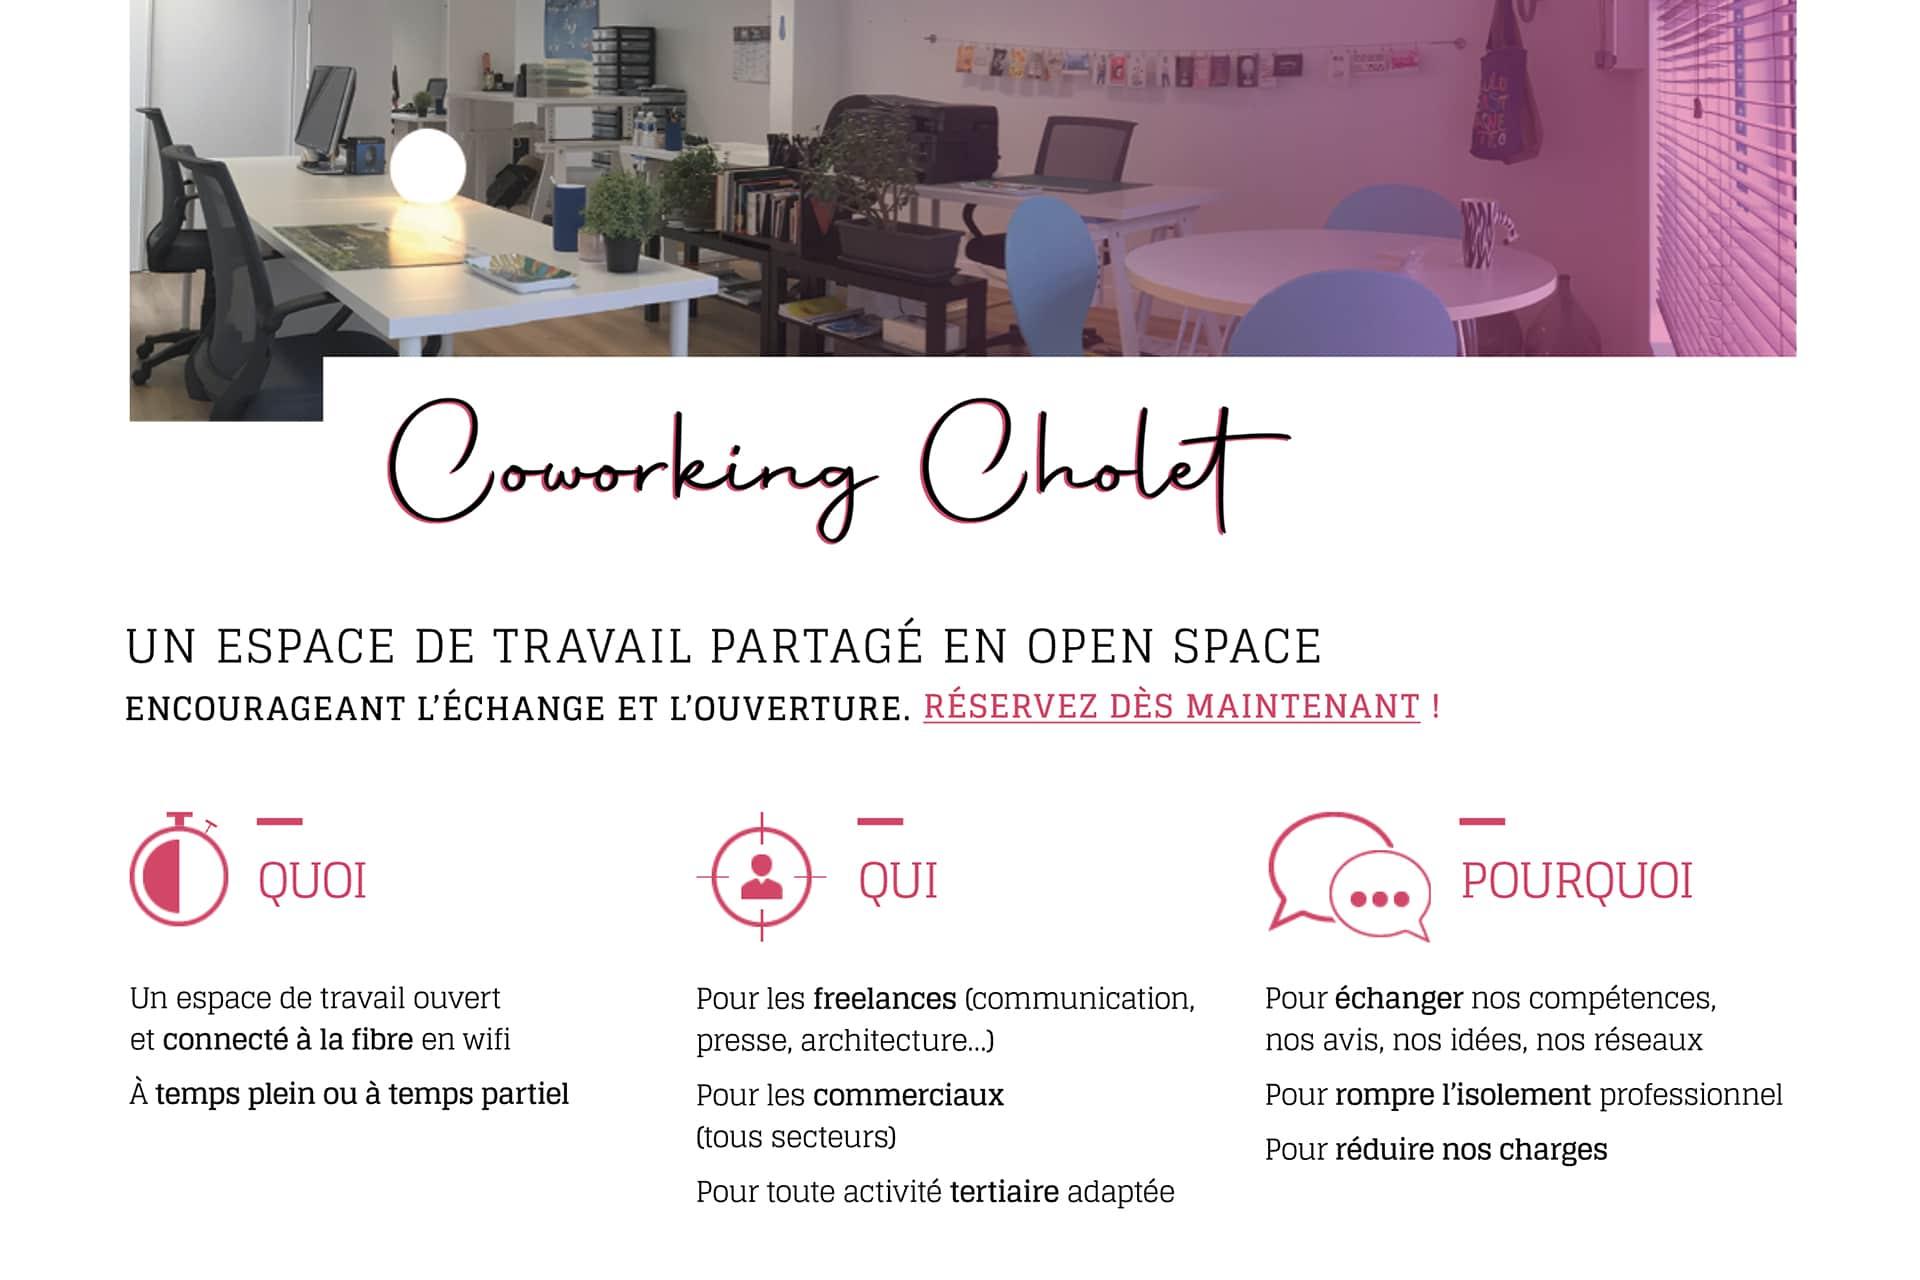 Animation de présentation de coworking Cholet